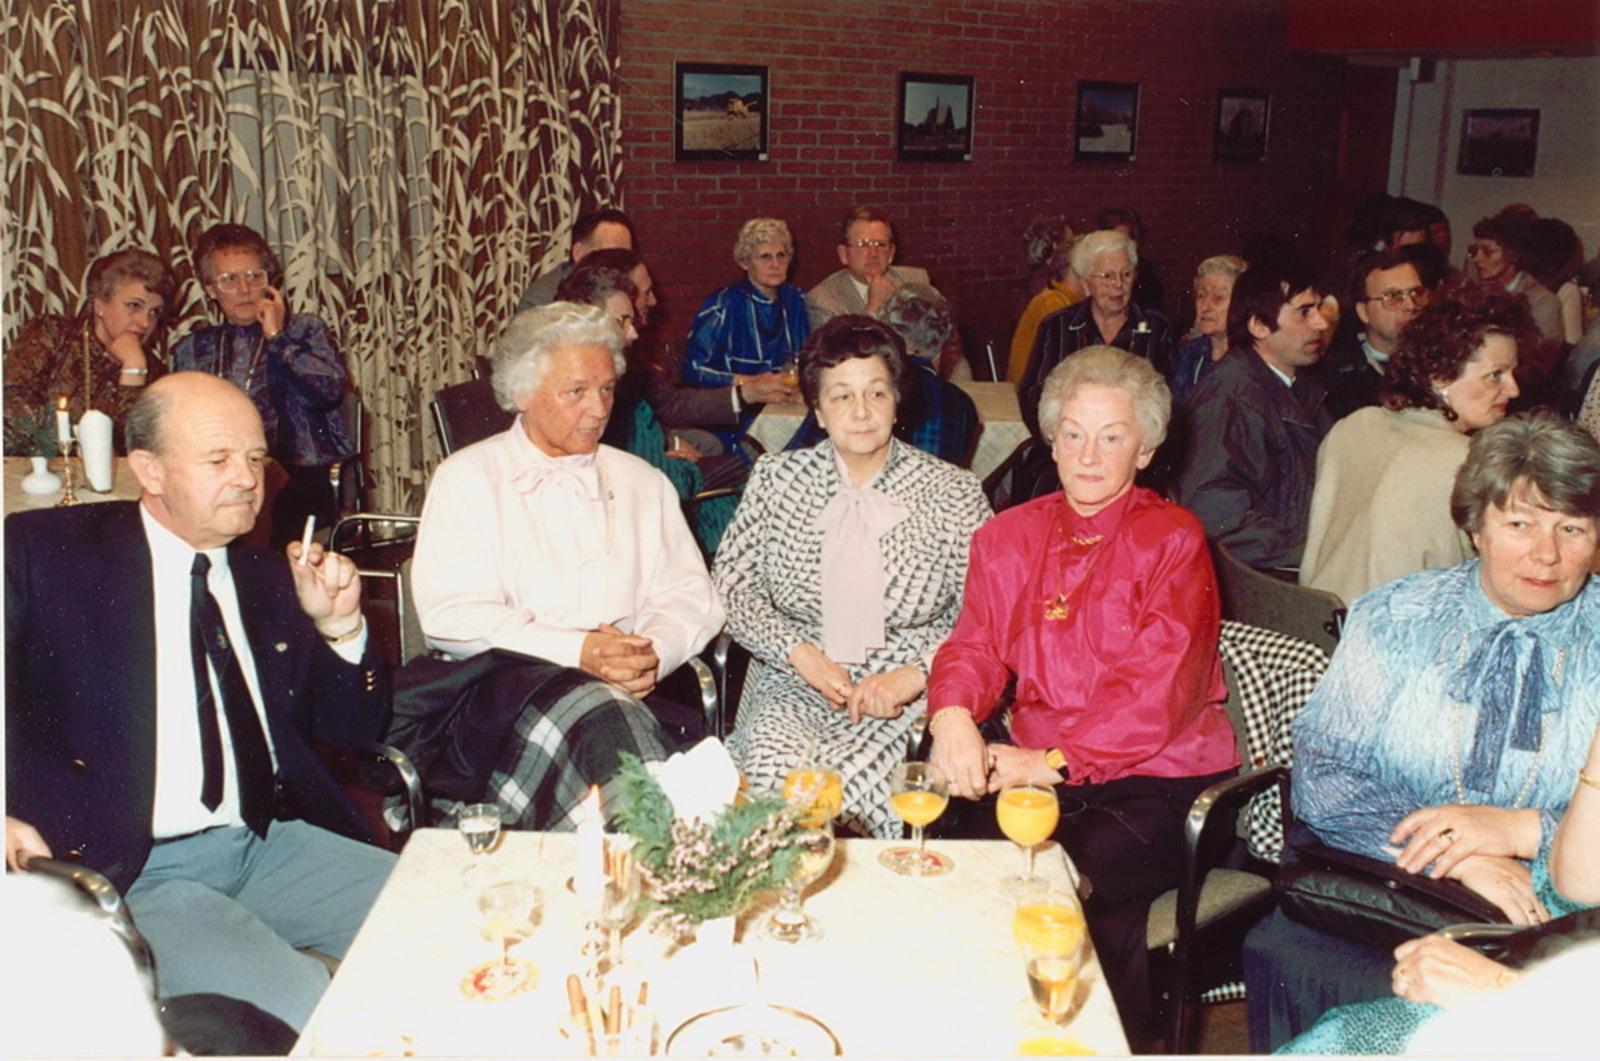 Marktlaan O 0022 1988 Sigarenboer Kraak 50jr Jub en Sluiting 65